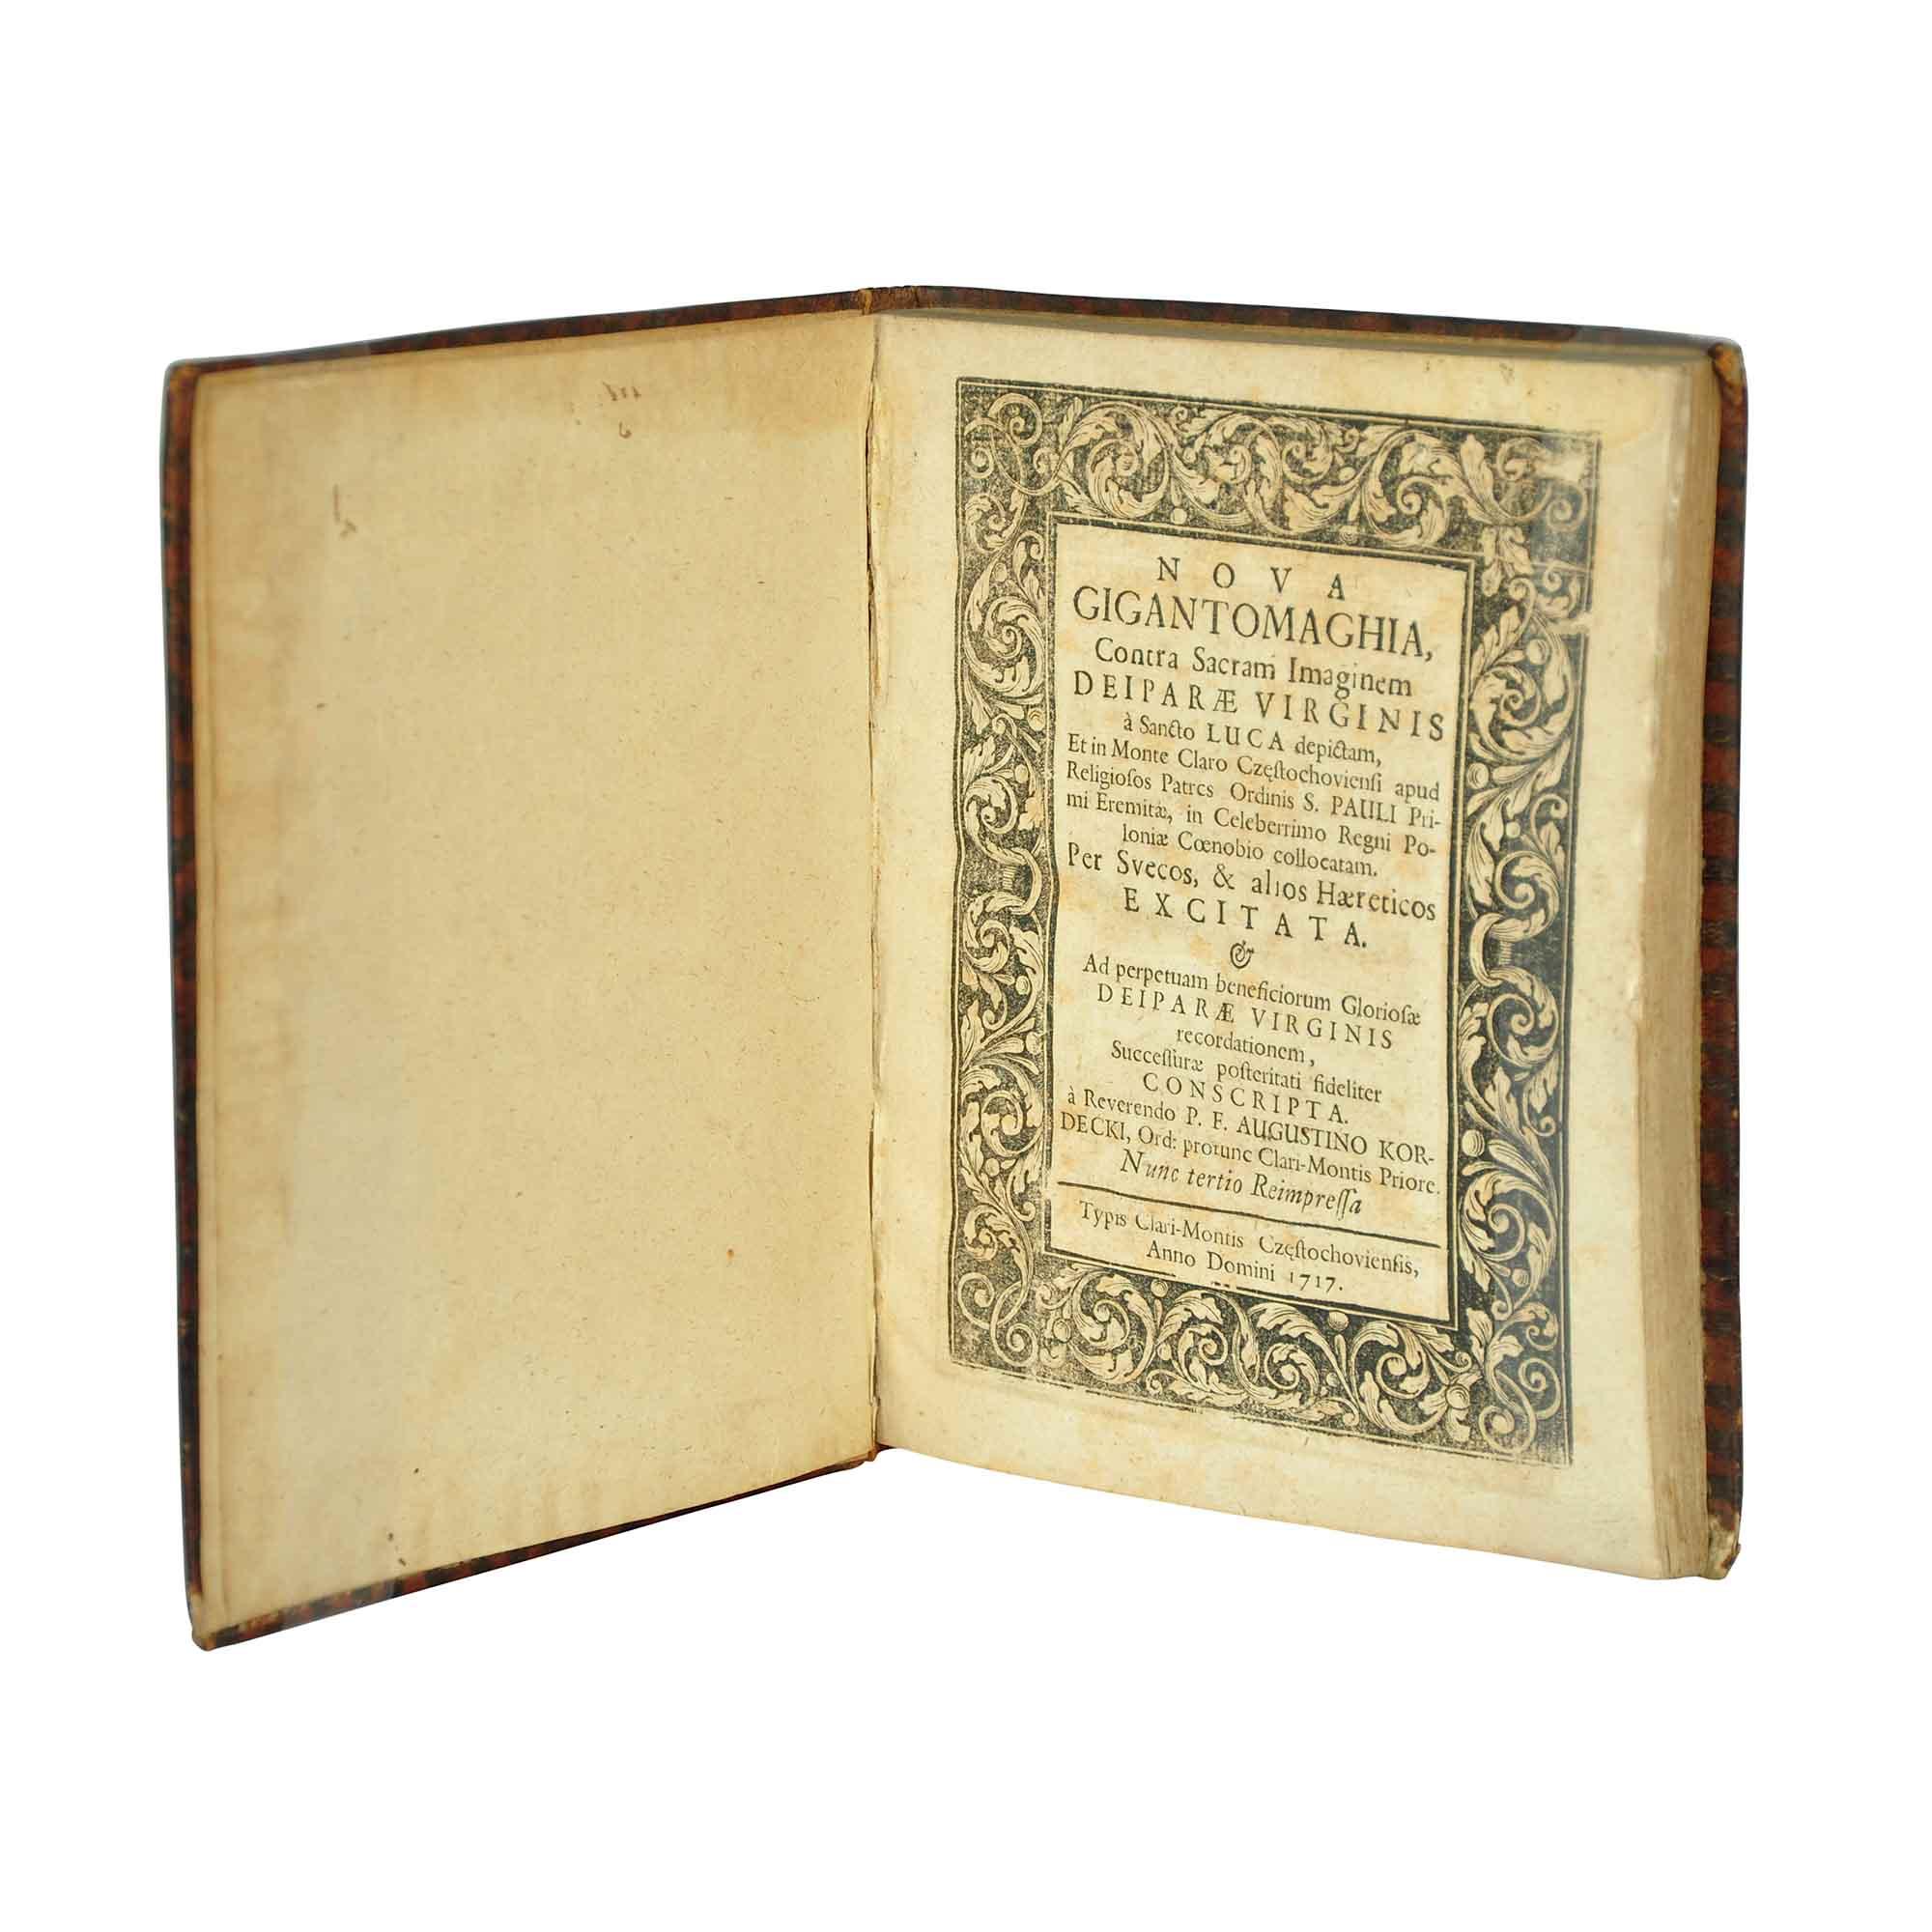 Kordecki-Gigantomaghia-1717-title-A-N.jpg